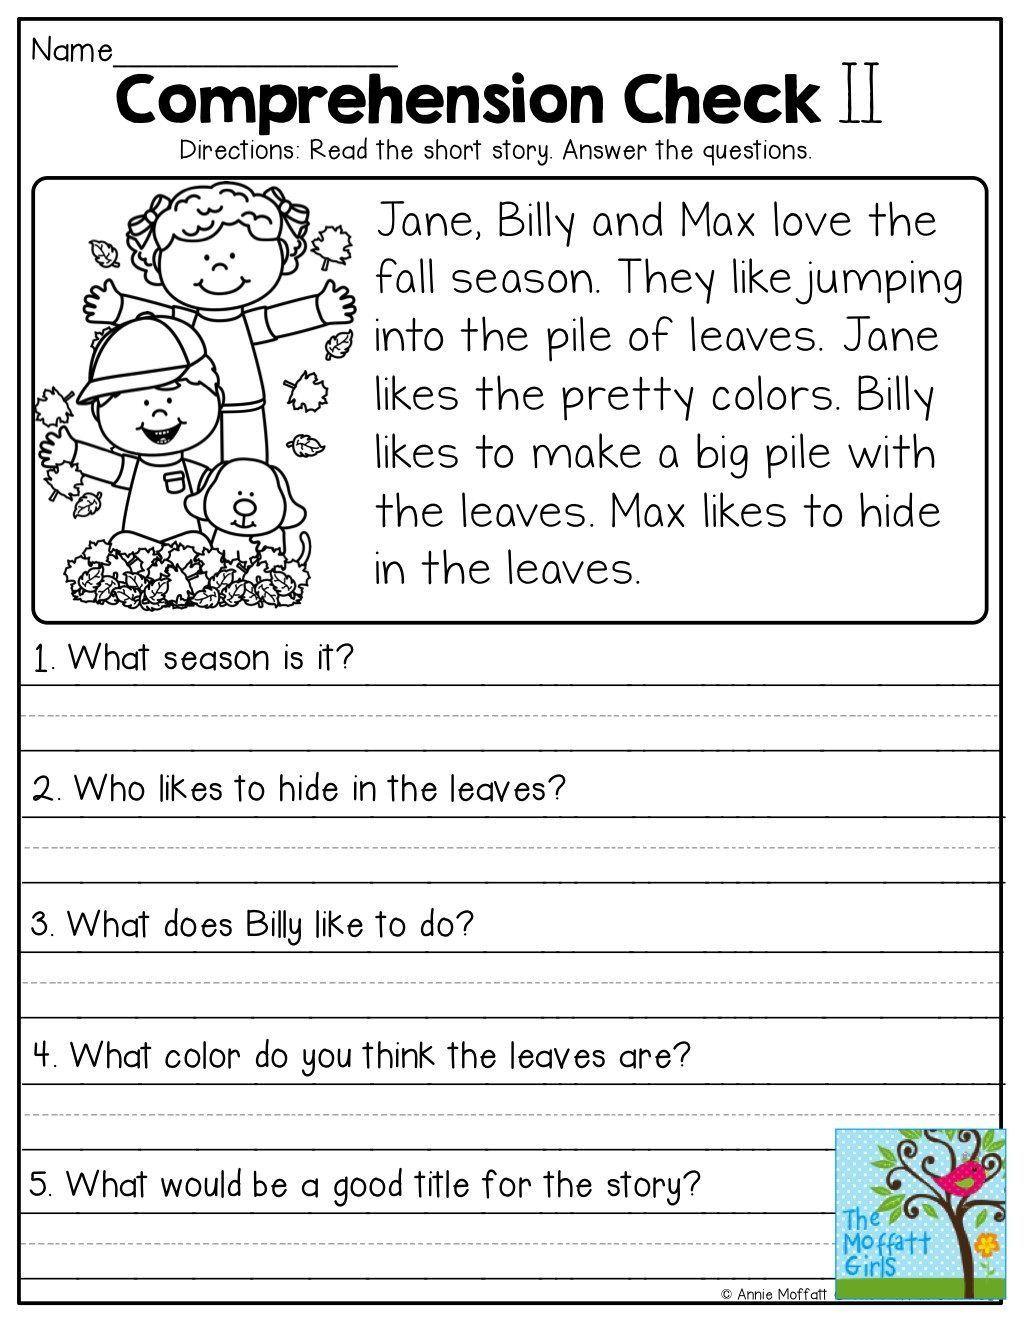 Worksheet Ideas Kindergarten La Worksheets Free Printable